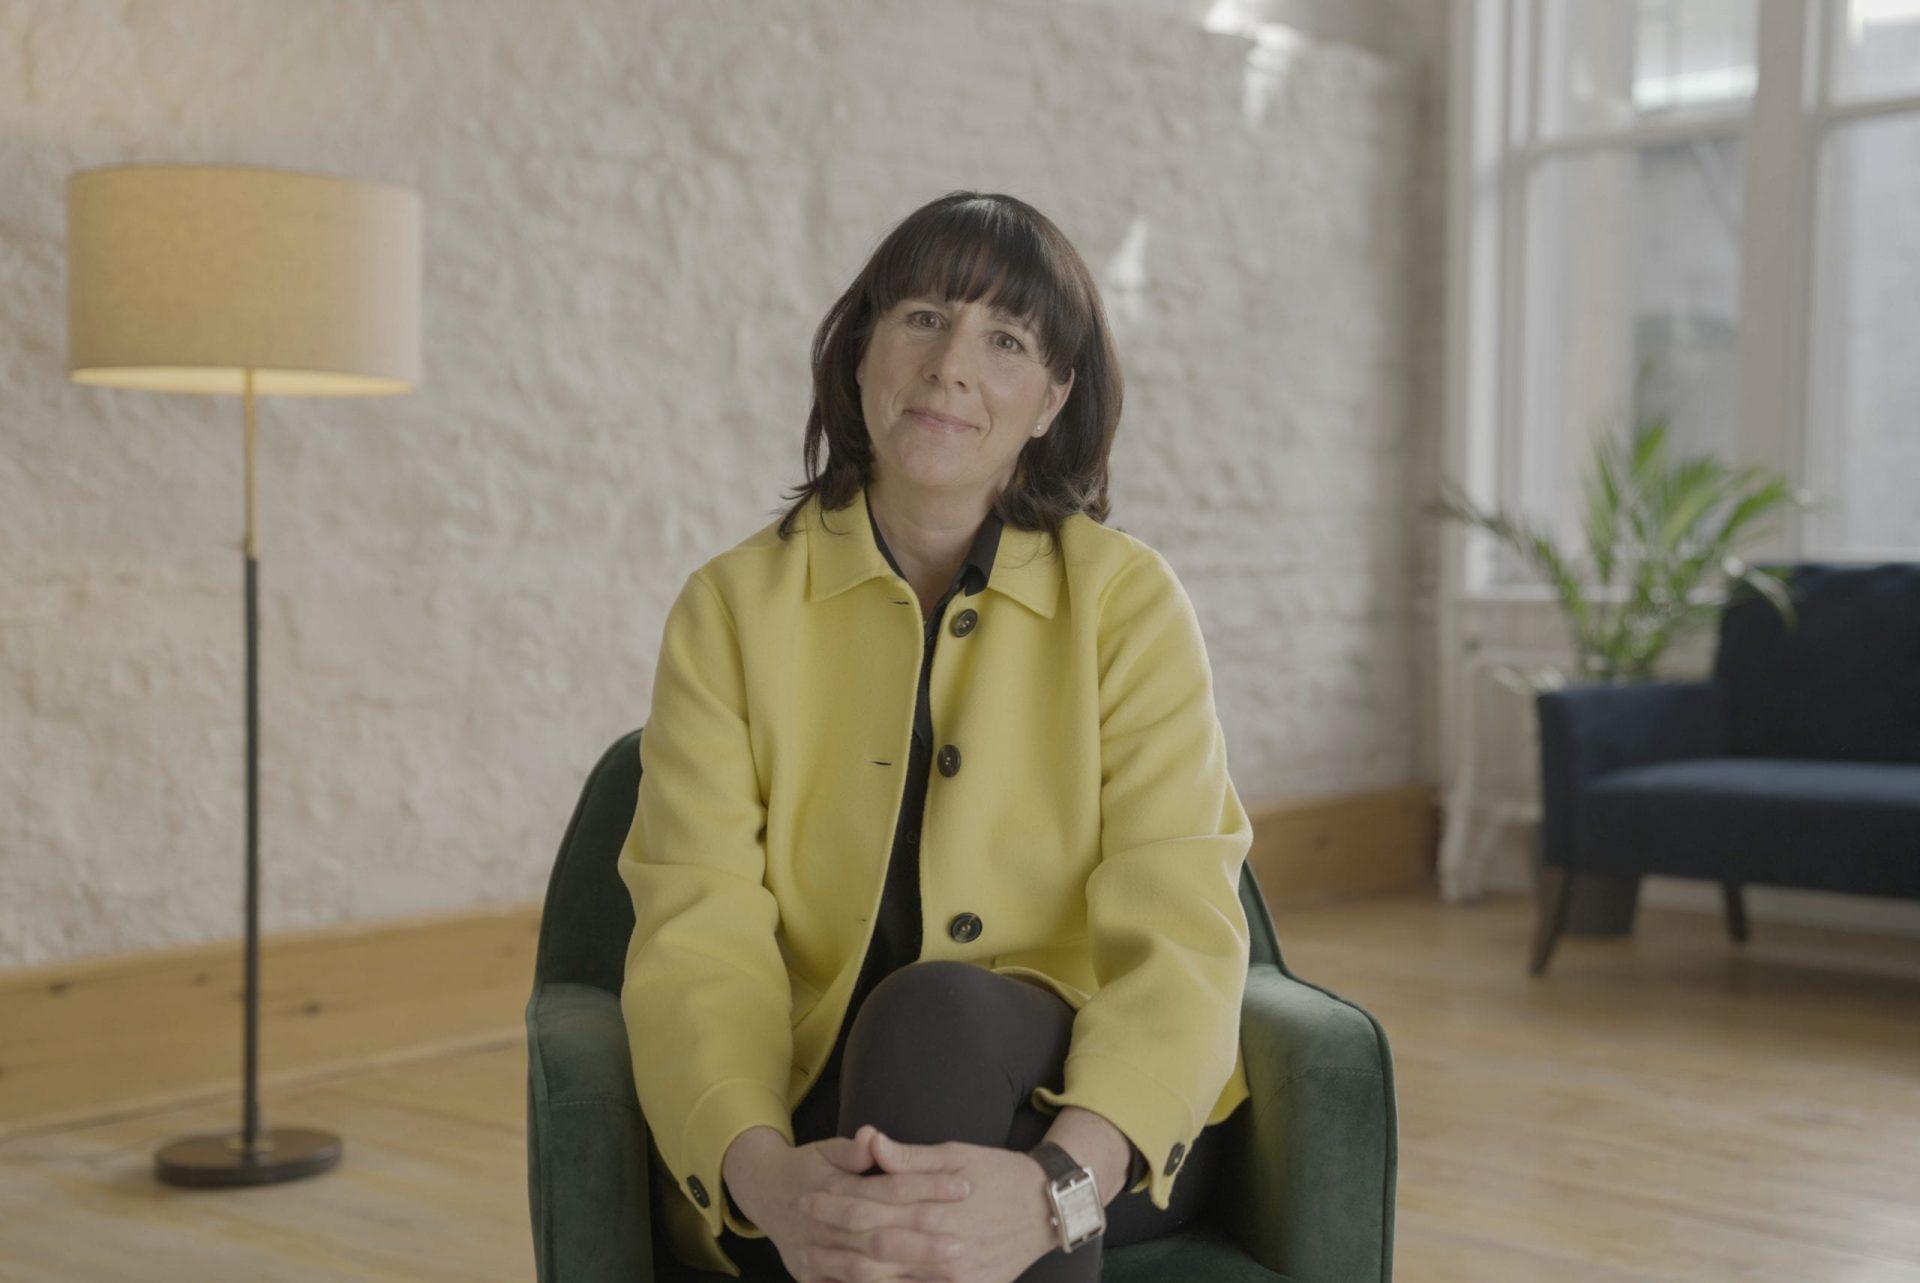 Sophie Brochu assise sur un fauteuil vert sourire au visage et bras croisés sur les genoux.